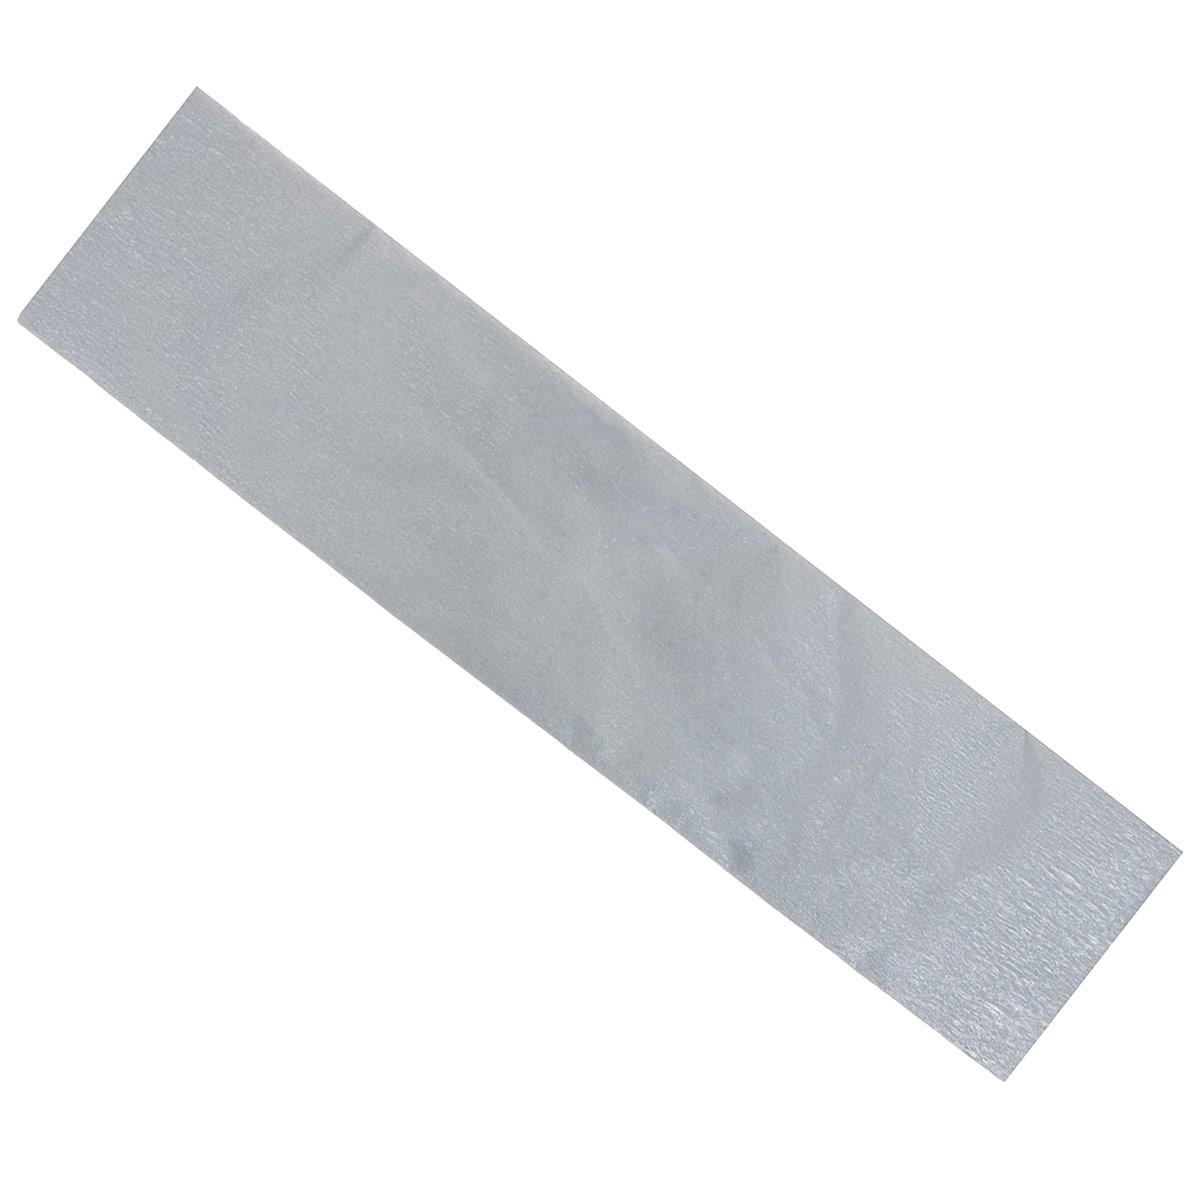 Крепированная бумага Hatber, металлизированная, цвет: серебристый, 5 см х 25 смБк2мт_00026Цветная металлизированная бумага Hatber - отличный вариант для развития творчества вашего ребенка. Бумага с фактурным покрытием очень гибкая и мягкая, из нее можно создавать чудесные аппликации, игрушки, подарки и объемные поделки. Цветная металлизированная бумага Hatber способствует развитию фантазии, цветовосприятия и мелкой моторики рук. Размер бумаги - 5 см х 25 см.